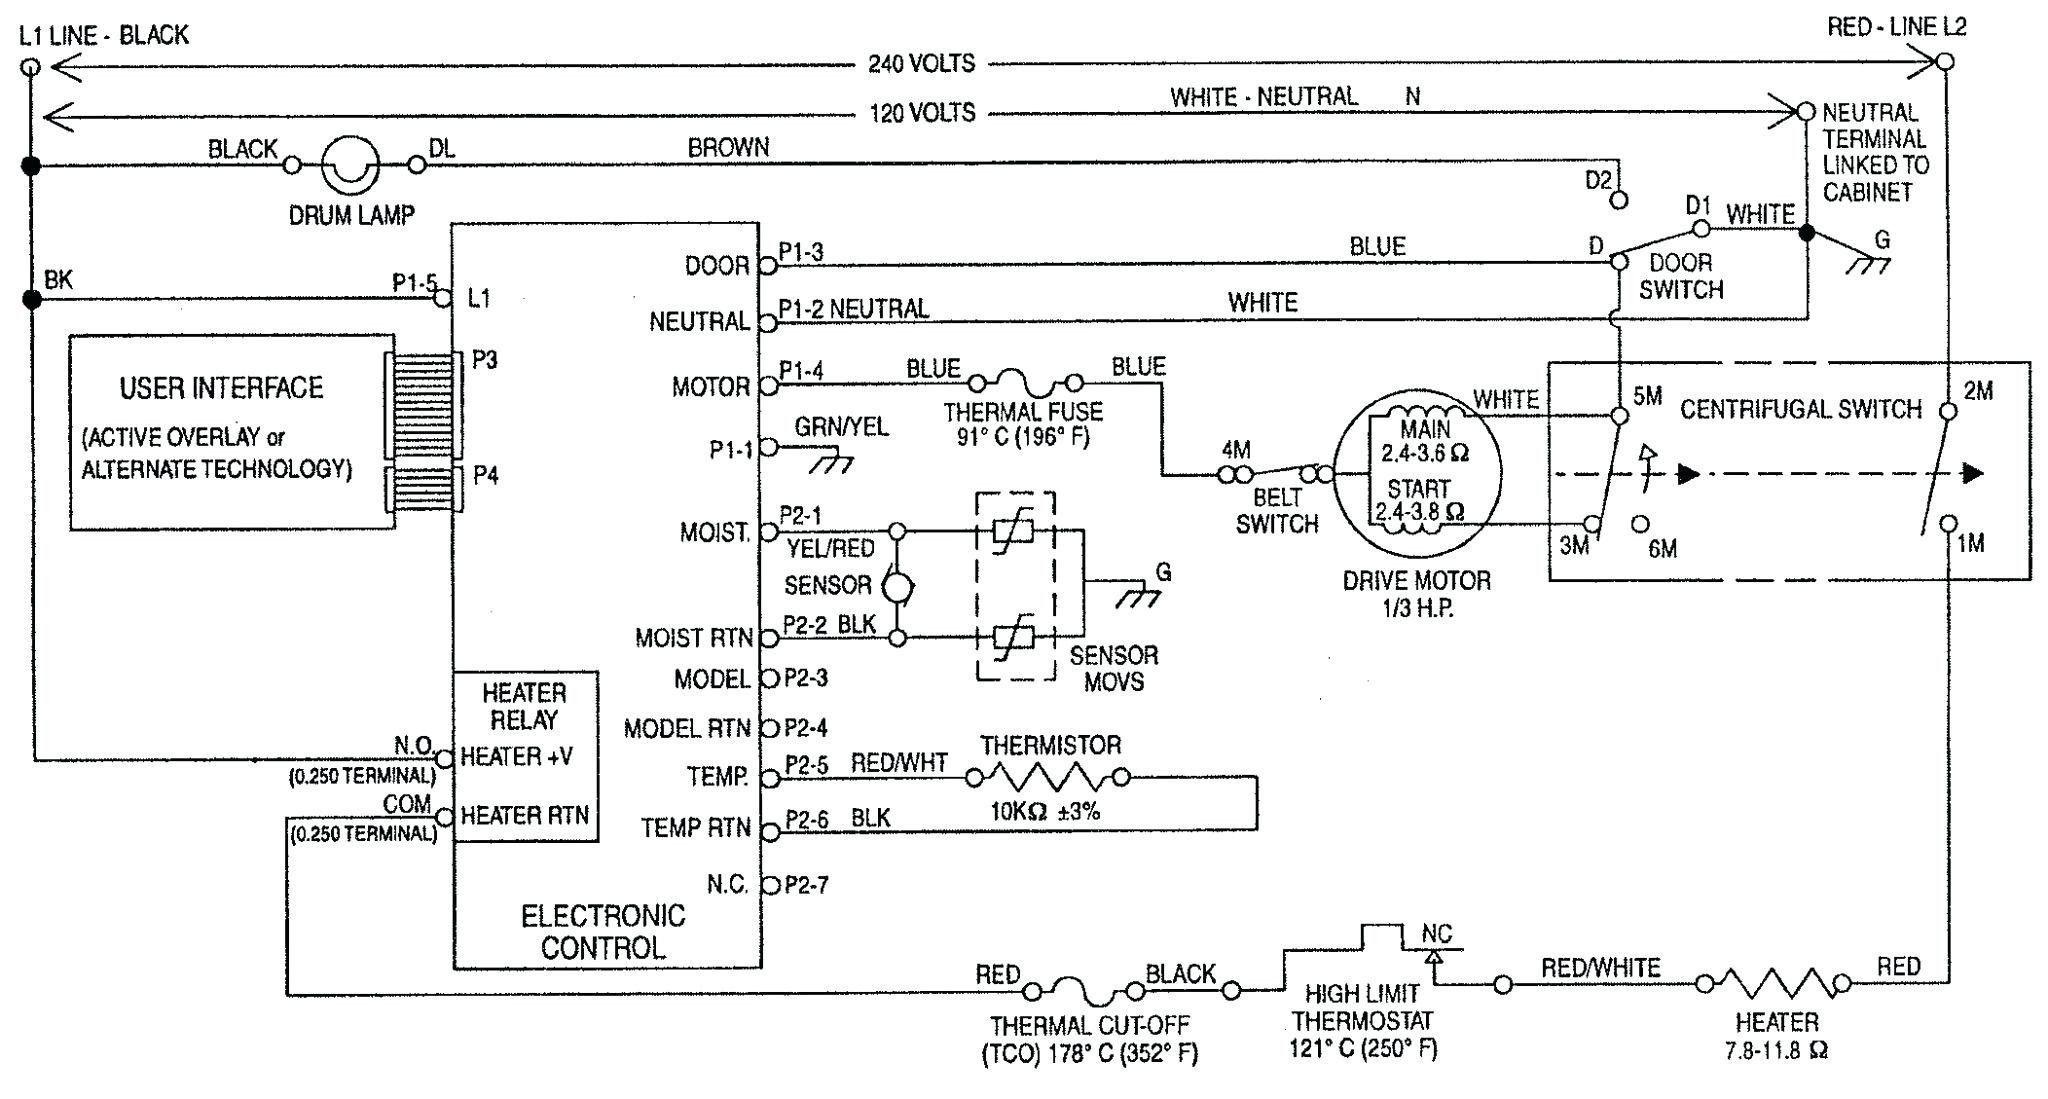 Unique Dryer Motor Wiring Diagram In 2020 Diagram Electric Dryers Electrical Wiring Diagram